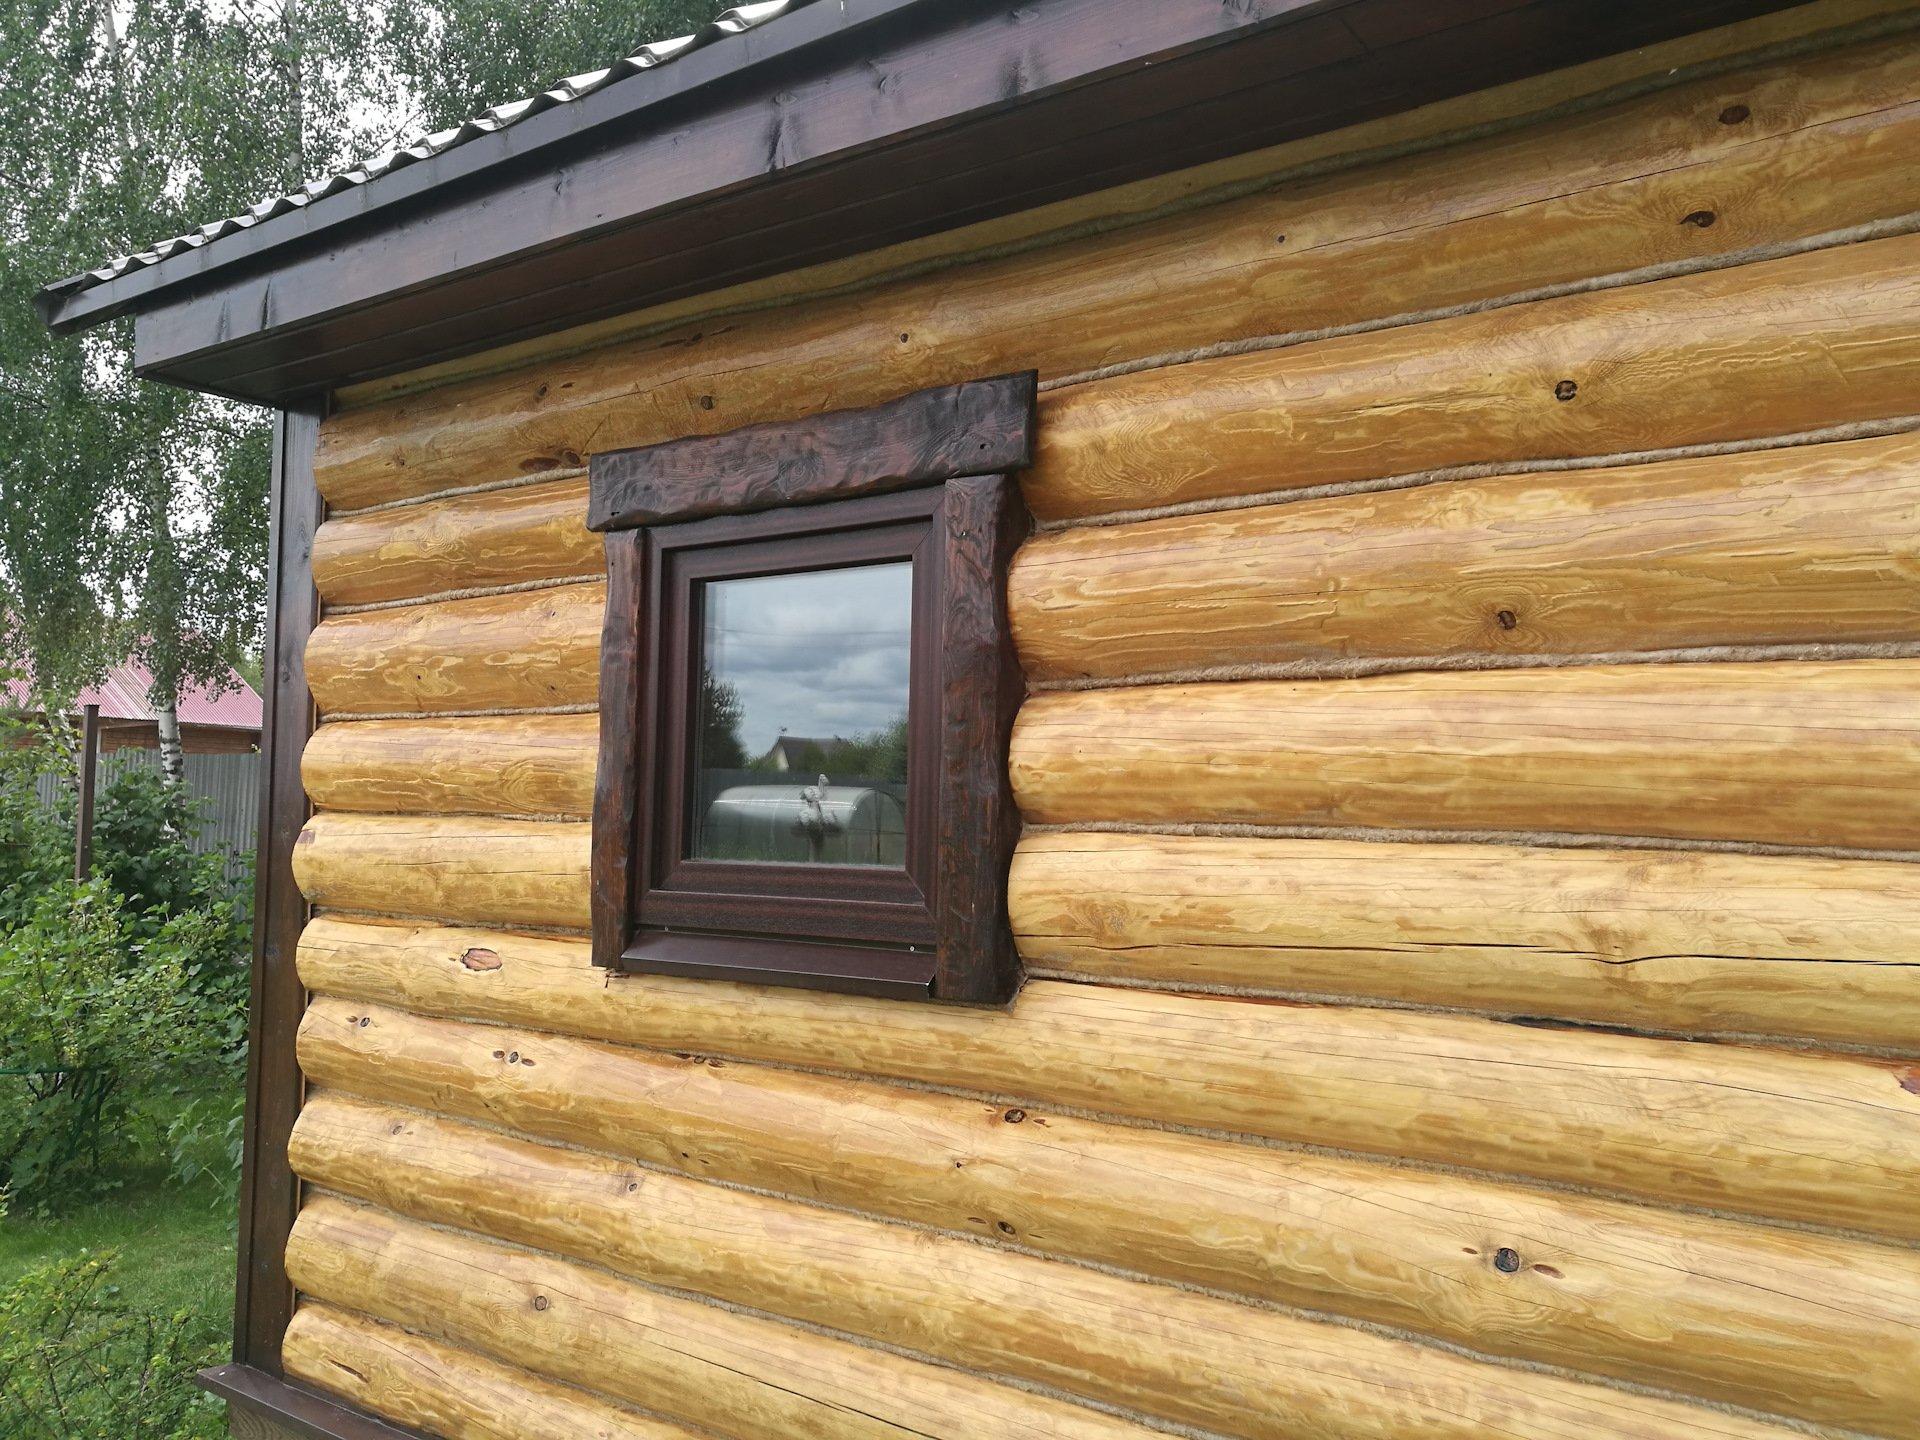 Обналичка на окна в деревянном срубе